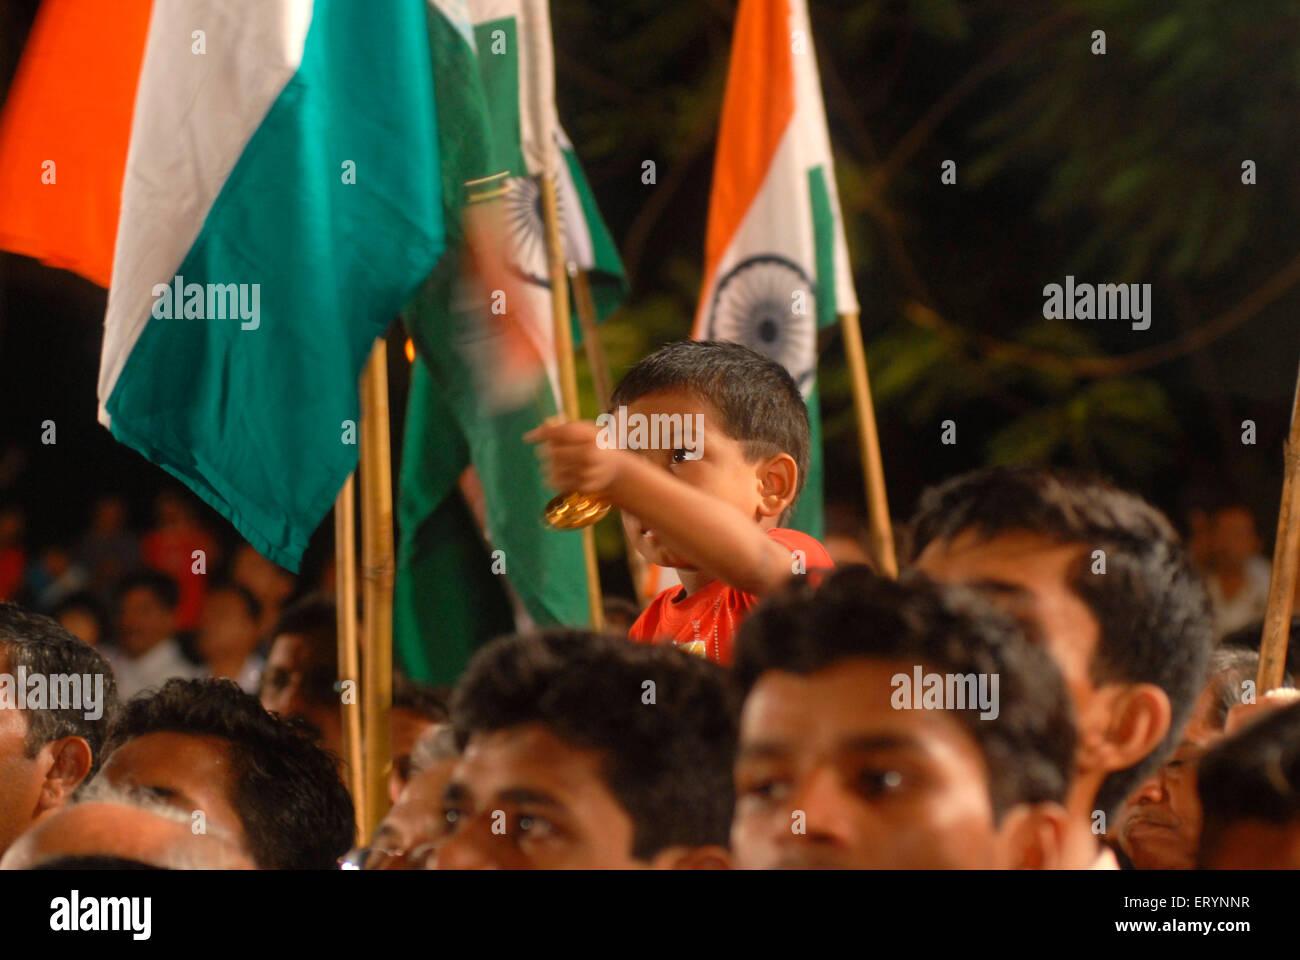 Anwohner feiern Unabhängigkeitstag mit Tricolor indische Flagge um Mitternacht am 15. August im Sambaji Maidan; Stockbild